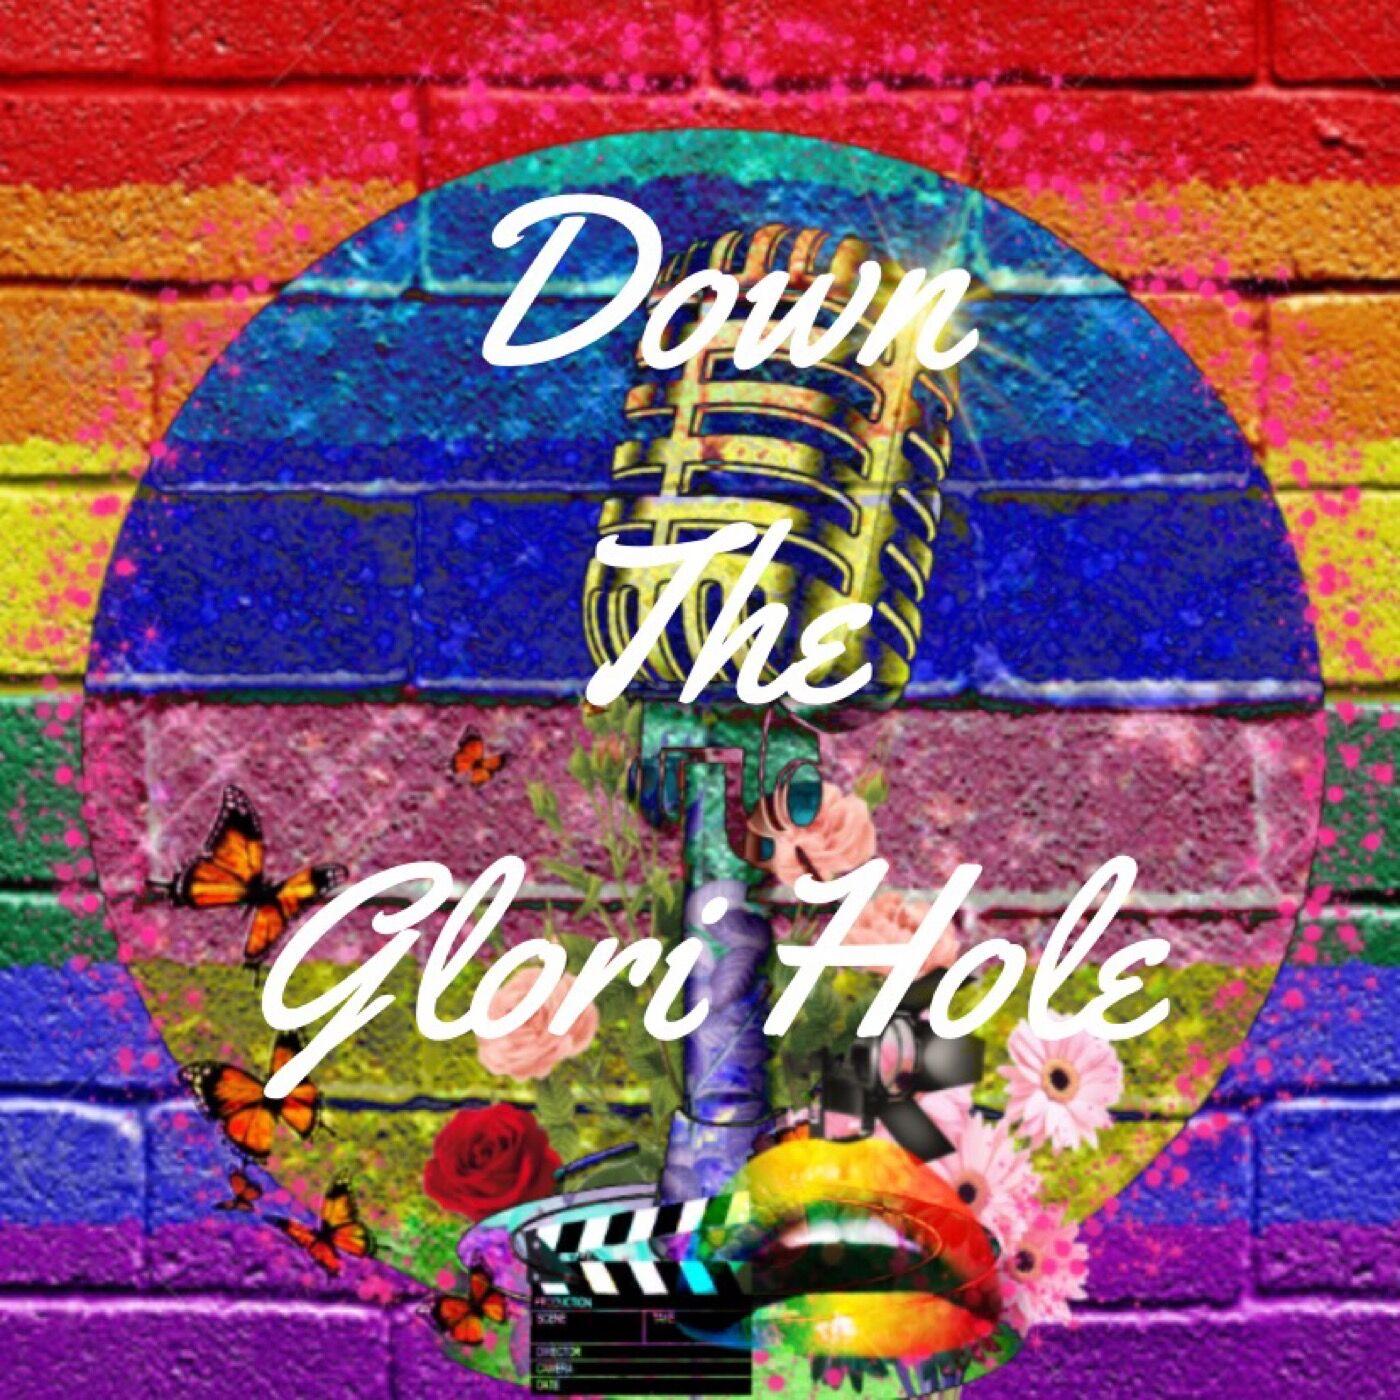 Down the Glori-Hole with Gloria